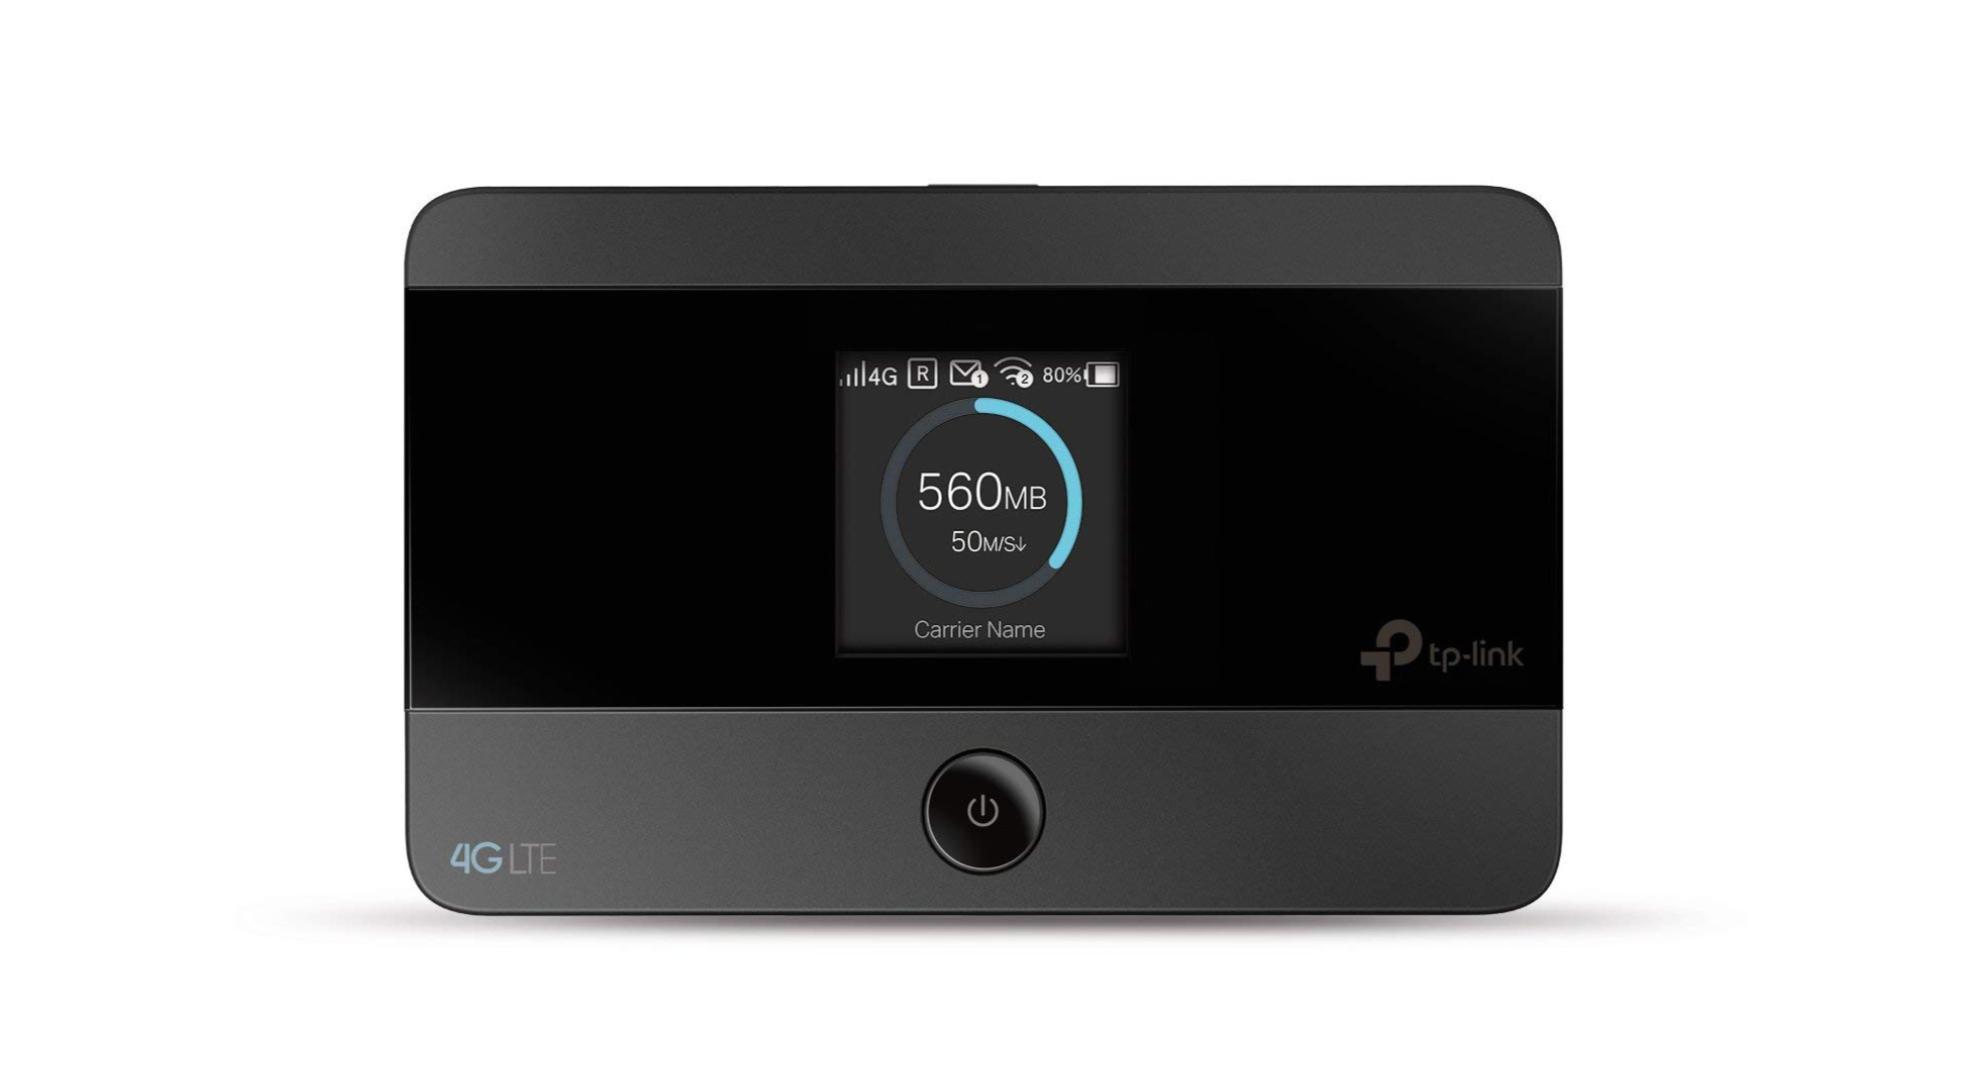 🔥 Bon plan : un routeur mobile 4G TP-Link est disponible à 65 euros sur Amazon